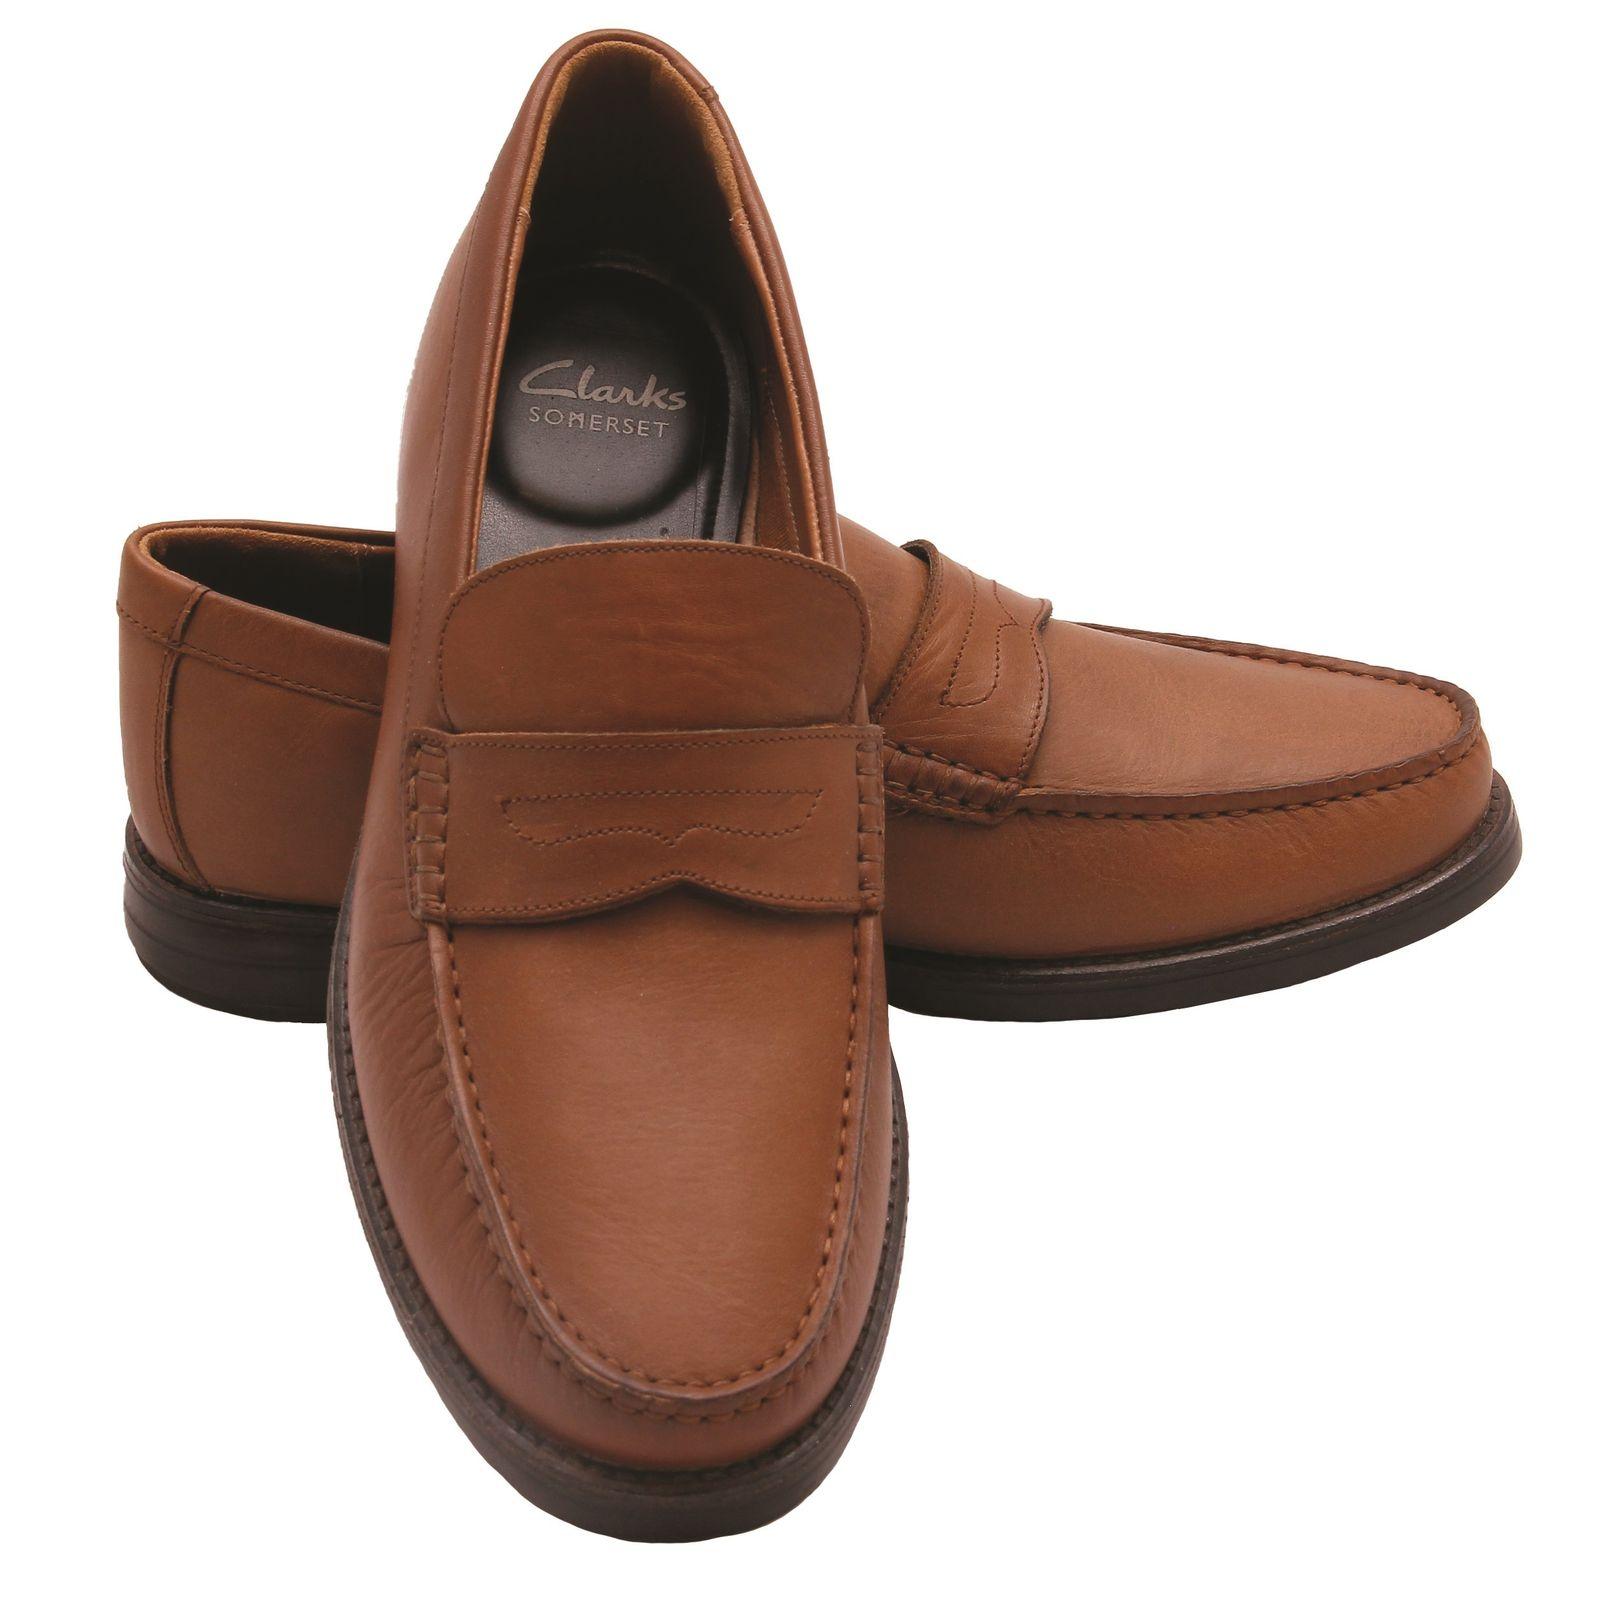 کفش روزمره مردانه کلارک کد 261238637 -  - 3